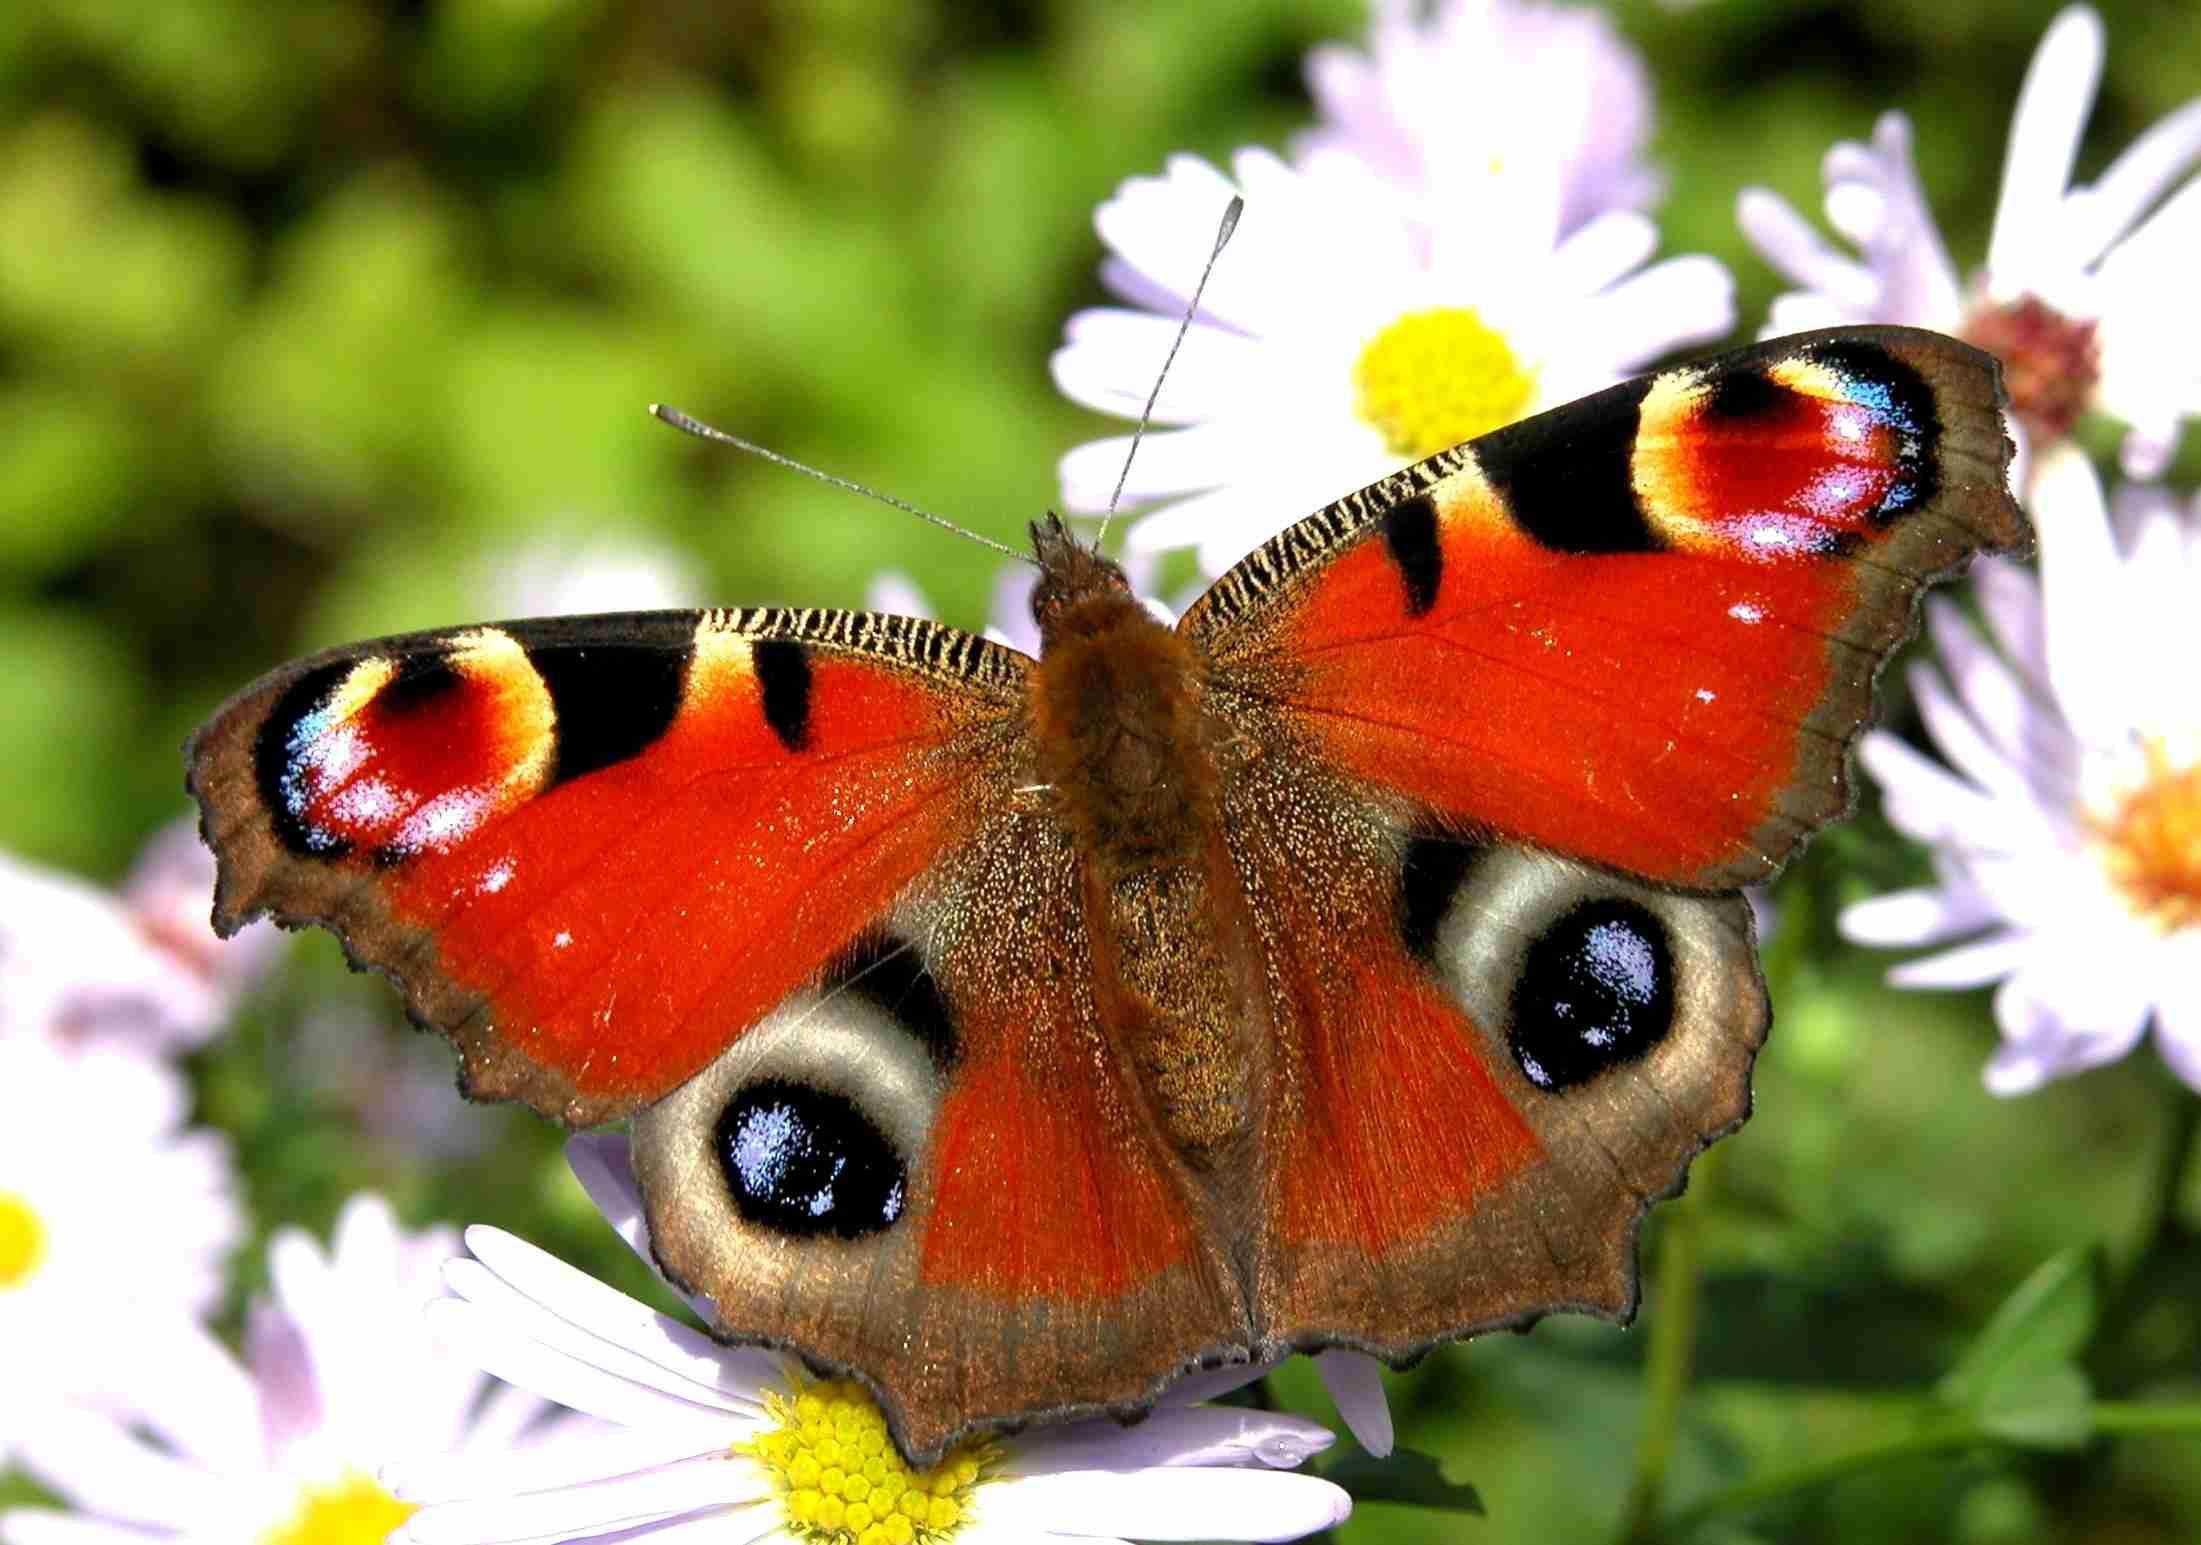 演奏中に蝶が舞い降りる奇跡、顔にとまるもフルート奏者は動じず。